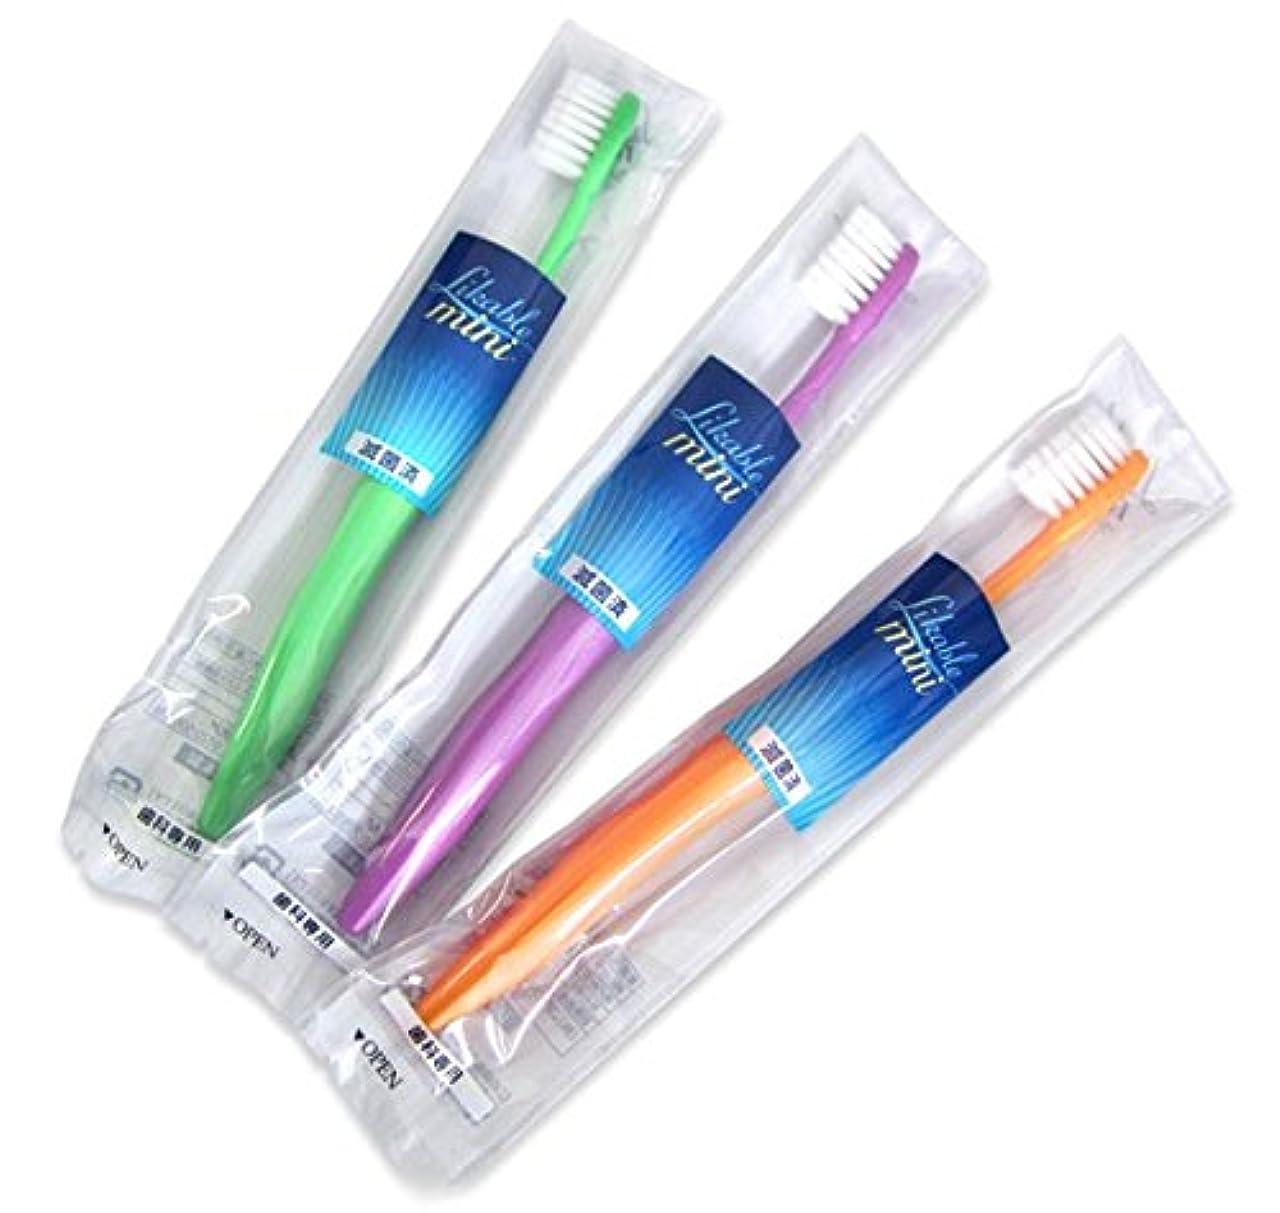 長方形敬意を表するシェルライカブル ミニ歯ブラシ 12本入